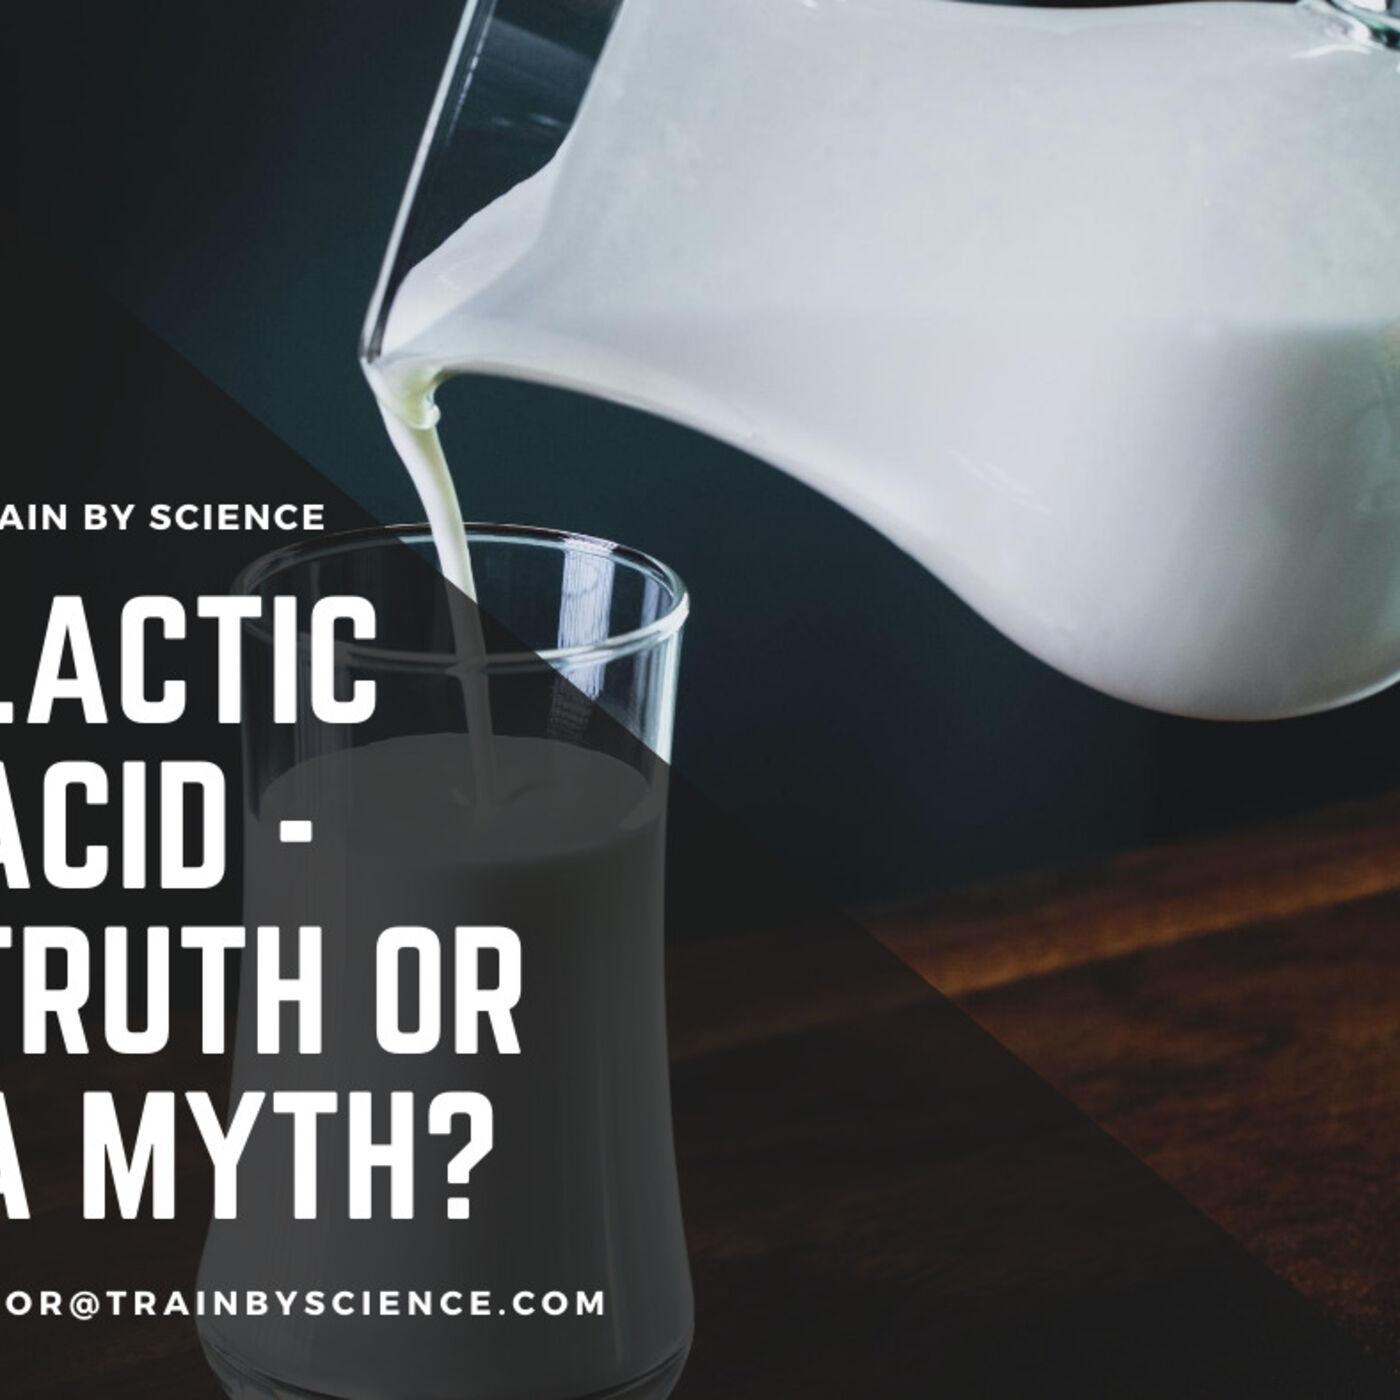 חומצת חלב – אמת צרופה או מיתוס שגוי?